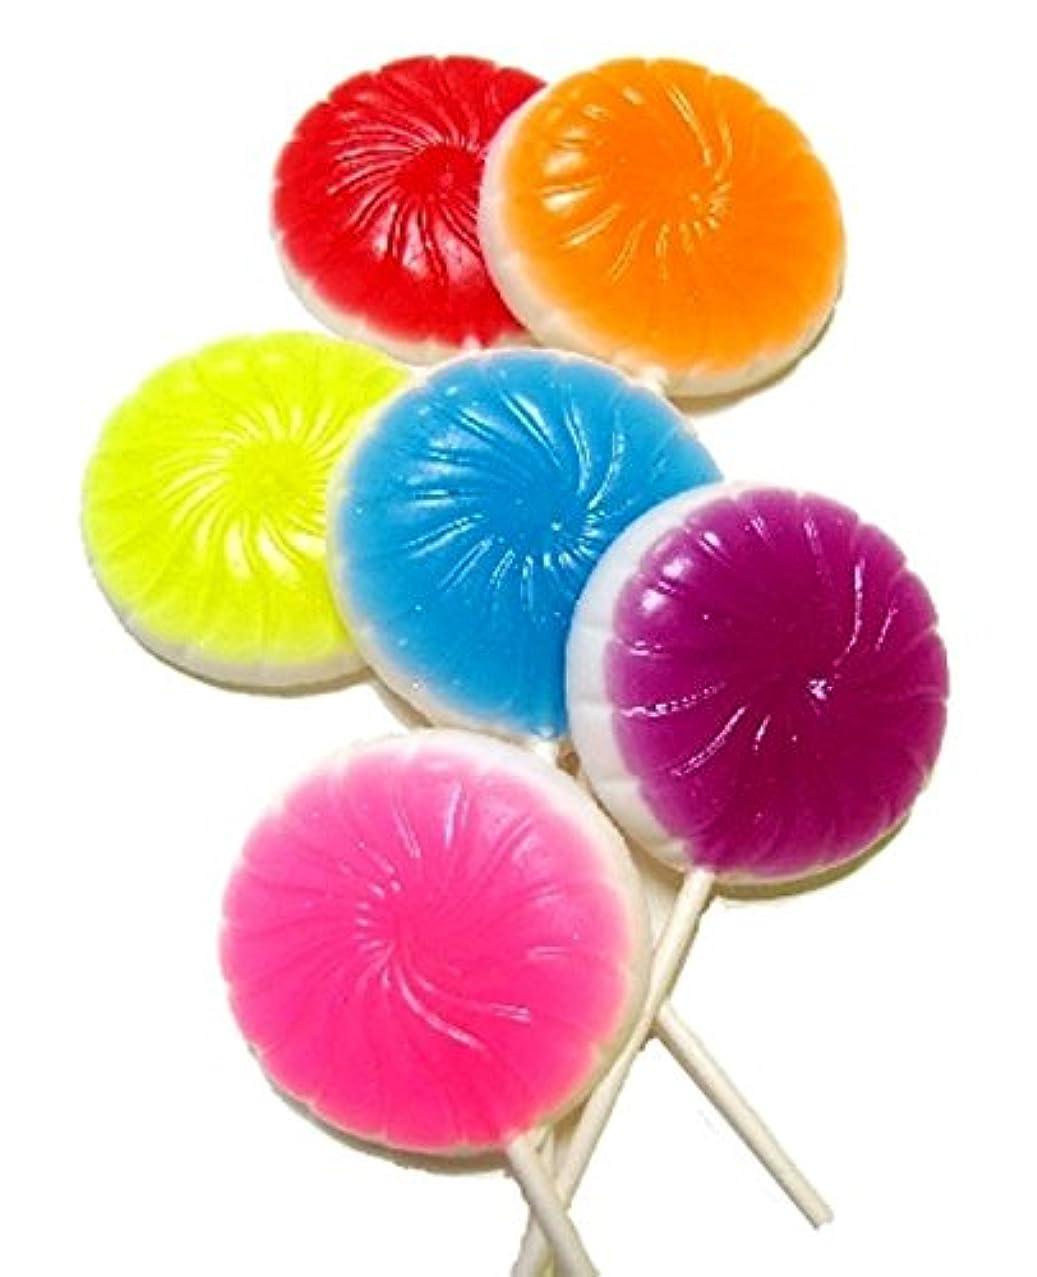 馬鹿レシピ前方へsoapy love(ソーピーラブ) LOLLY SOAPS ローリーソープ セッケン ギフト プレゼント キャンディー型 石鹸(lollysoaps) BLUERASBERRY